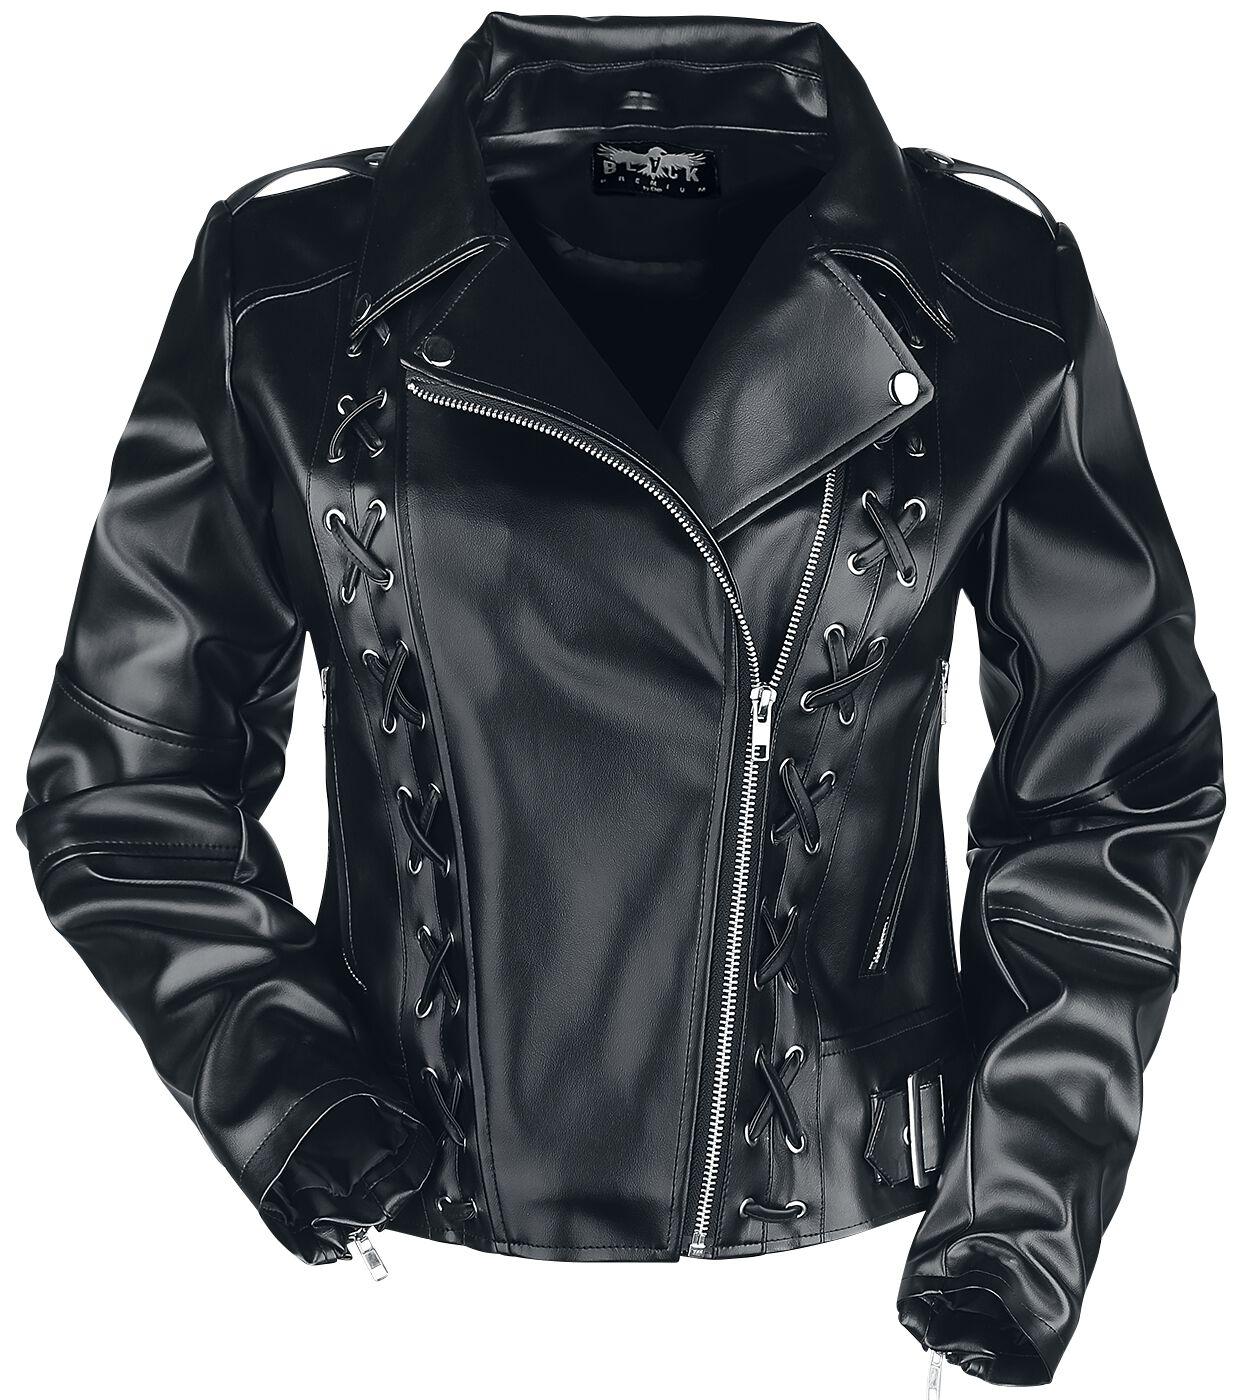 Jacken für Frauen - Black Premium by EMP All Over The Road Kunstlederjacke schwarz  - Onlineshop EMP